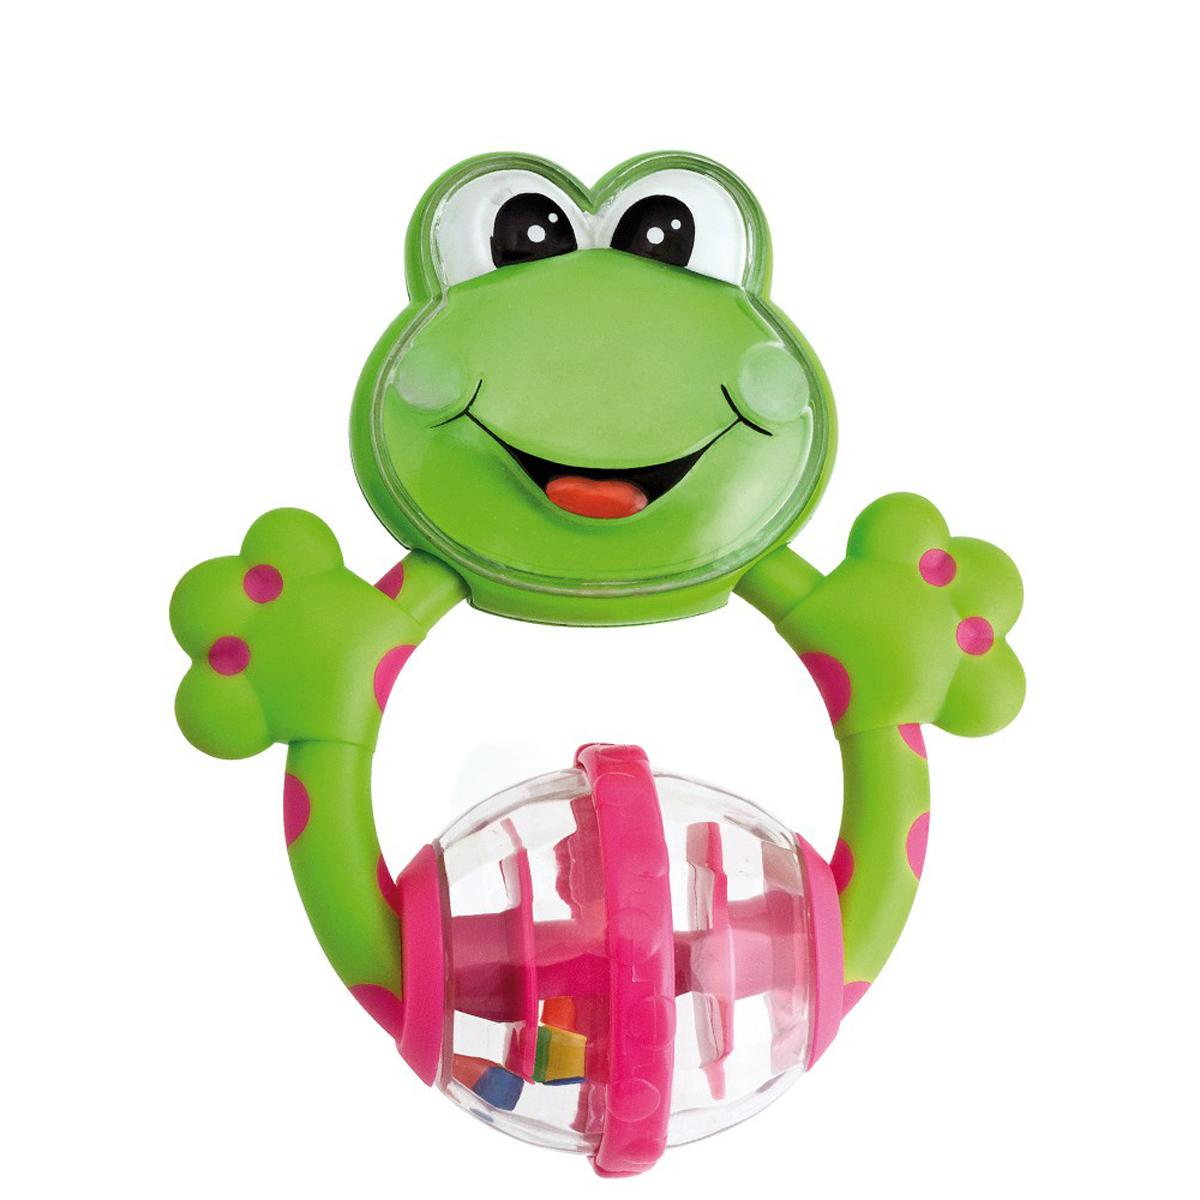 Игрушка-погремушка Лягушка погремушки simba лягушка с подвижными глазами 12 см